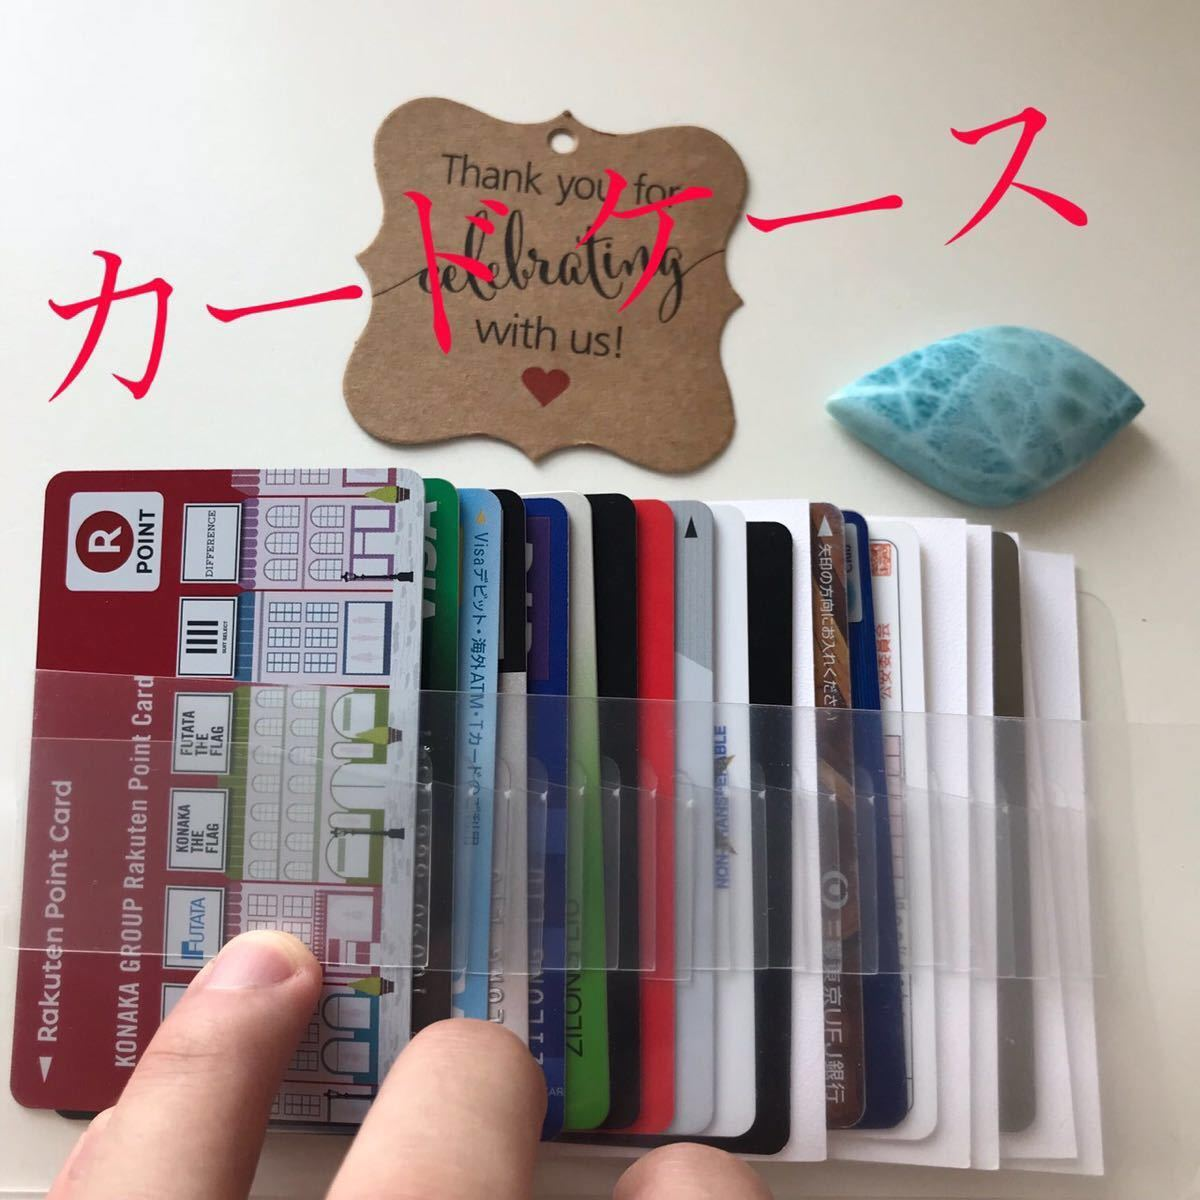 新登場 カード入れ カードケース 名刺入れ 名刺ケース 大容量 20枚入れ 長財布に入れます 超人気 男女兼用 便利だ